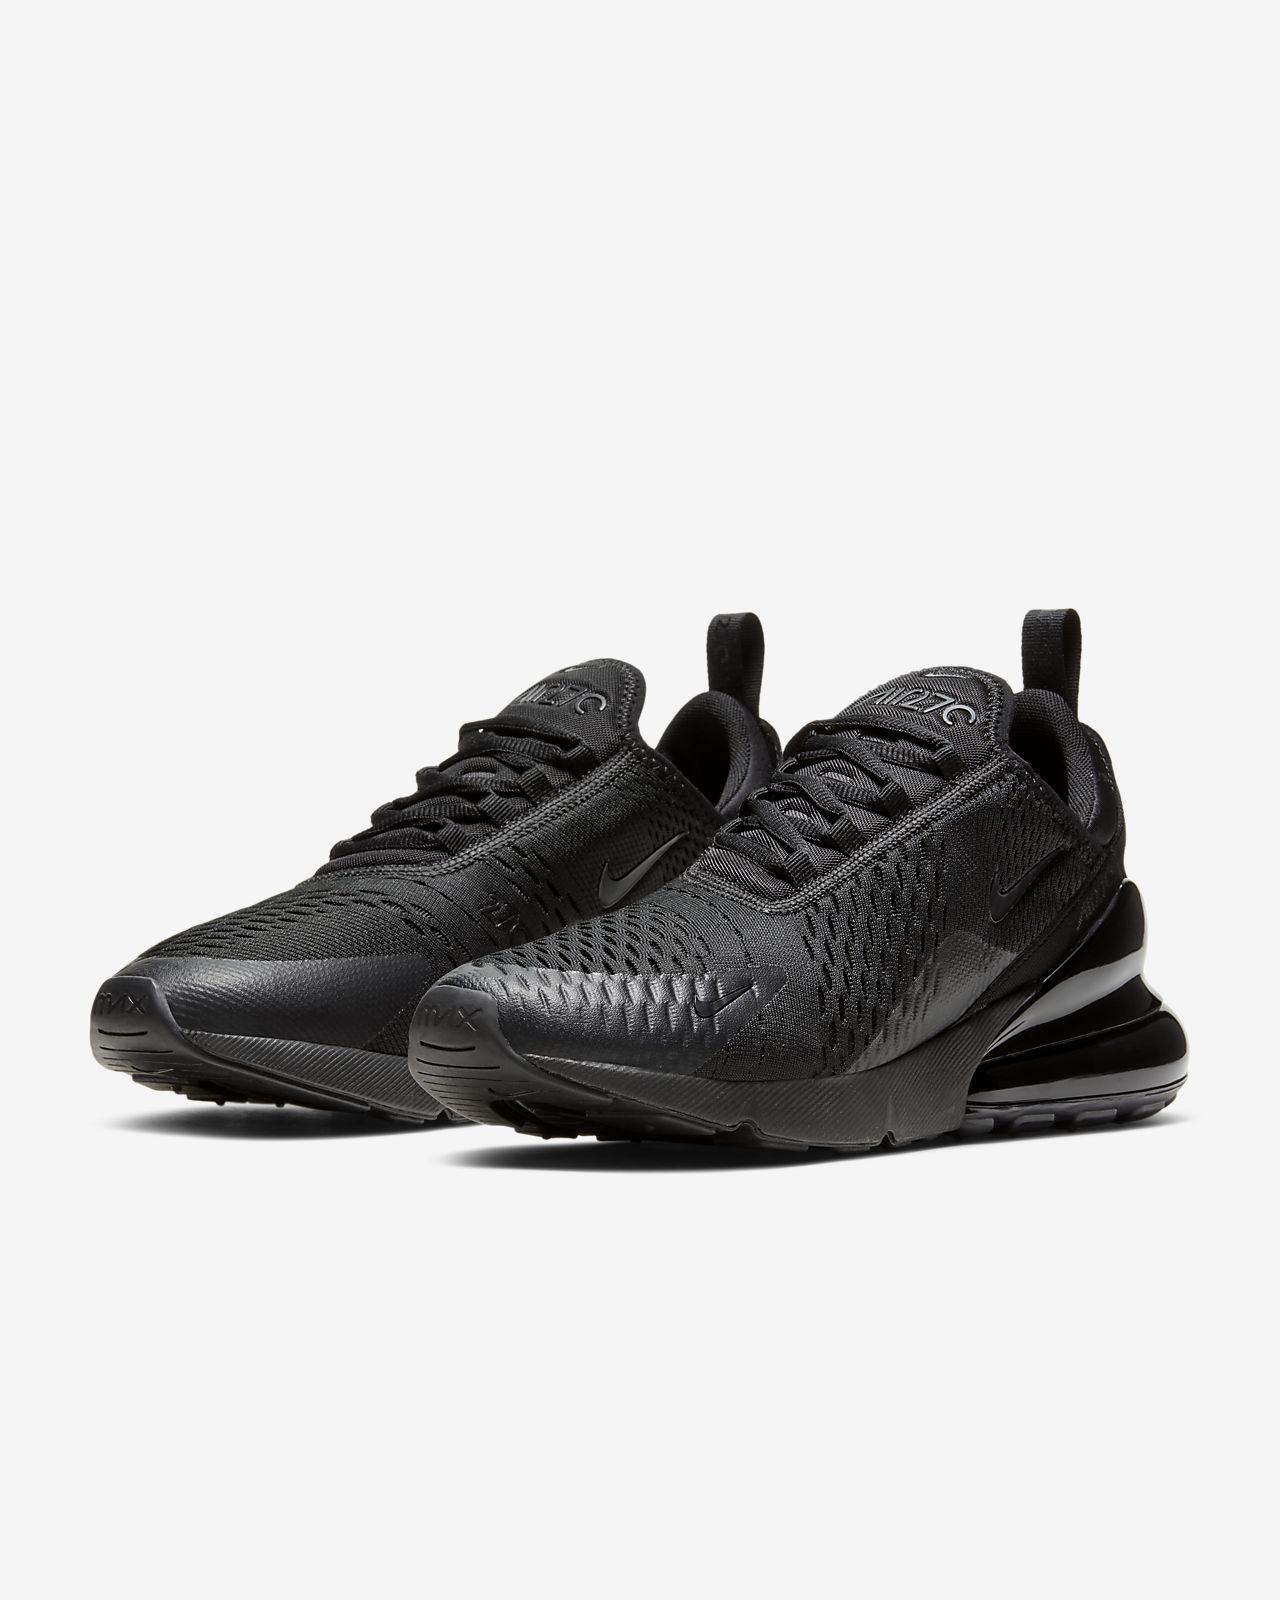 d93142bf8a7d6 Calzado para hombre Nike Air Max 270. Nike.com CL